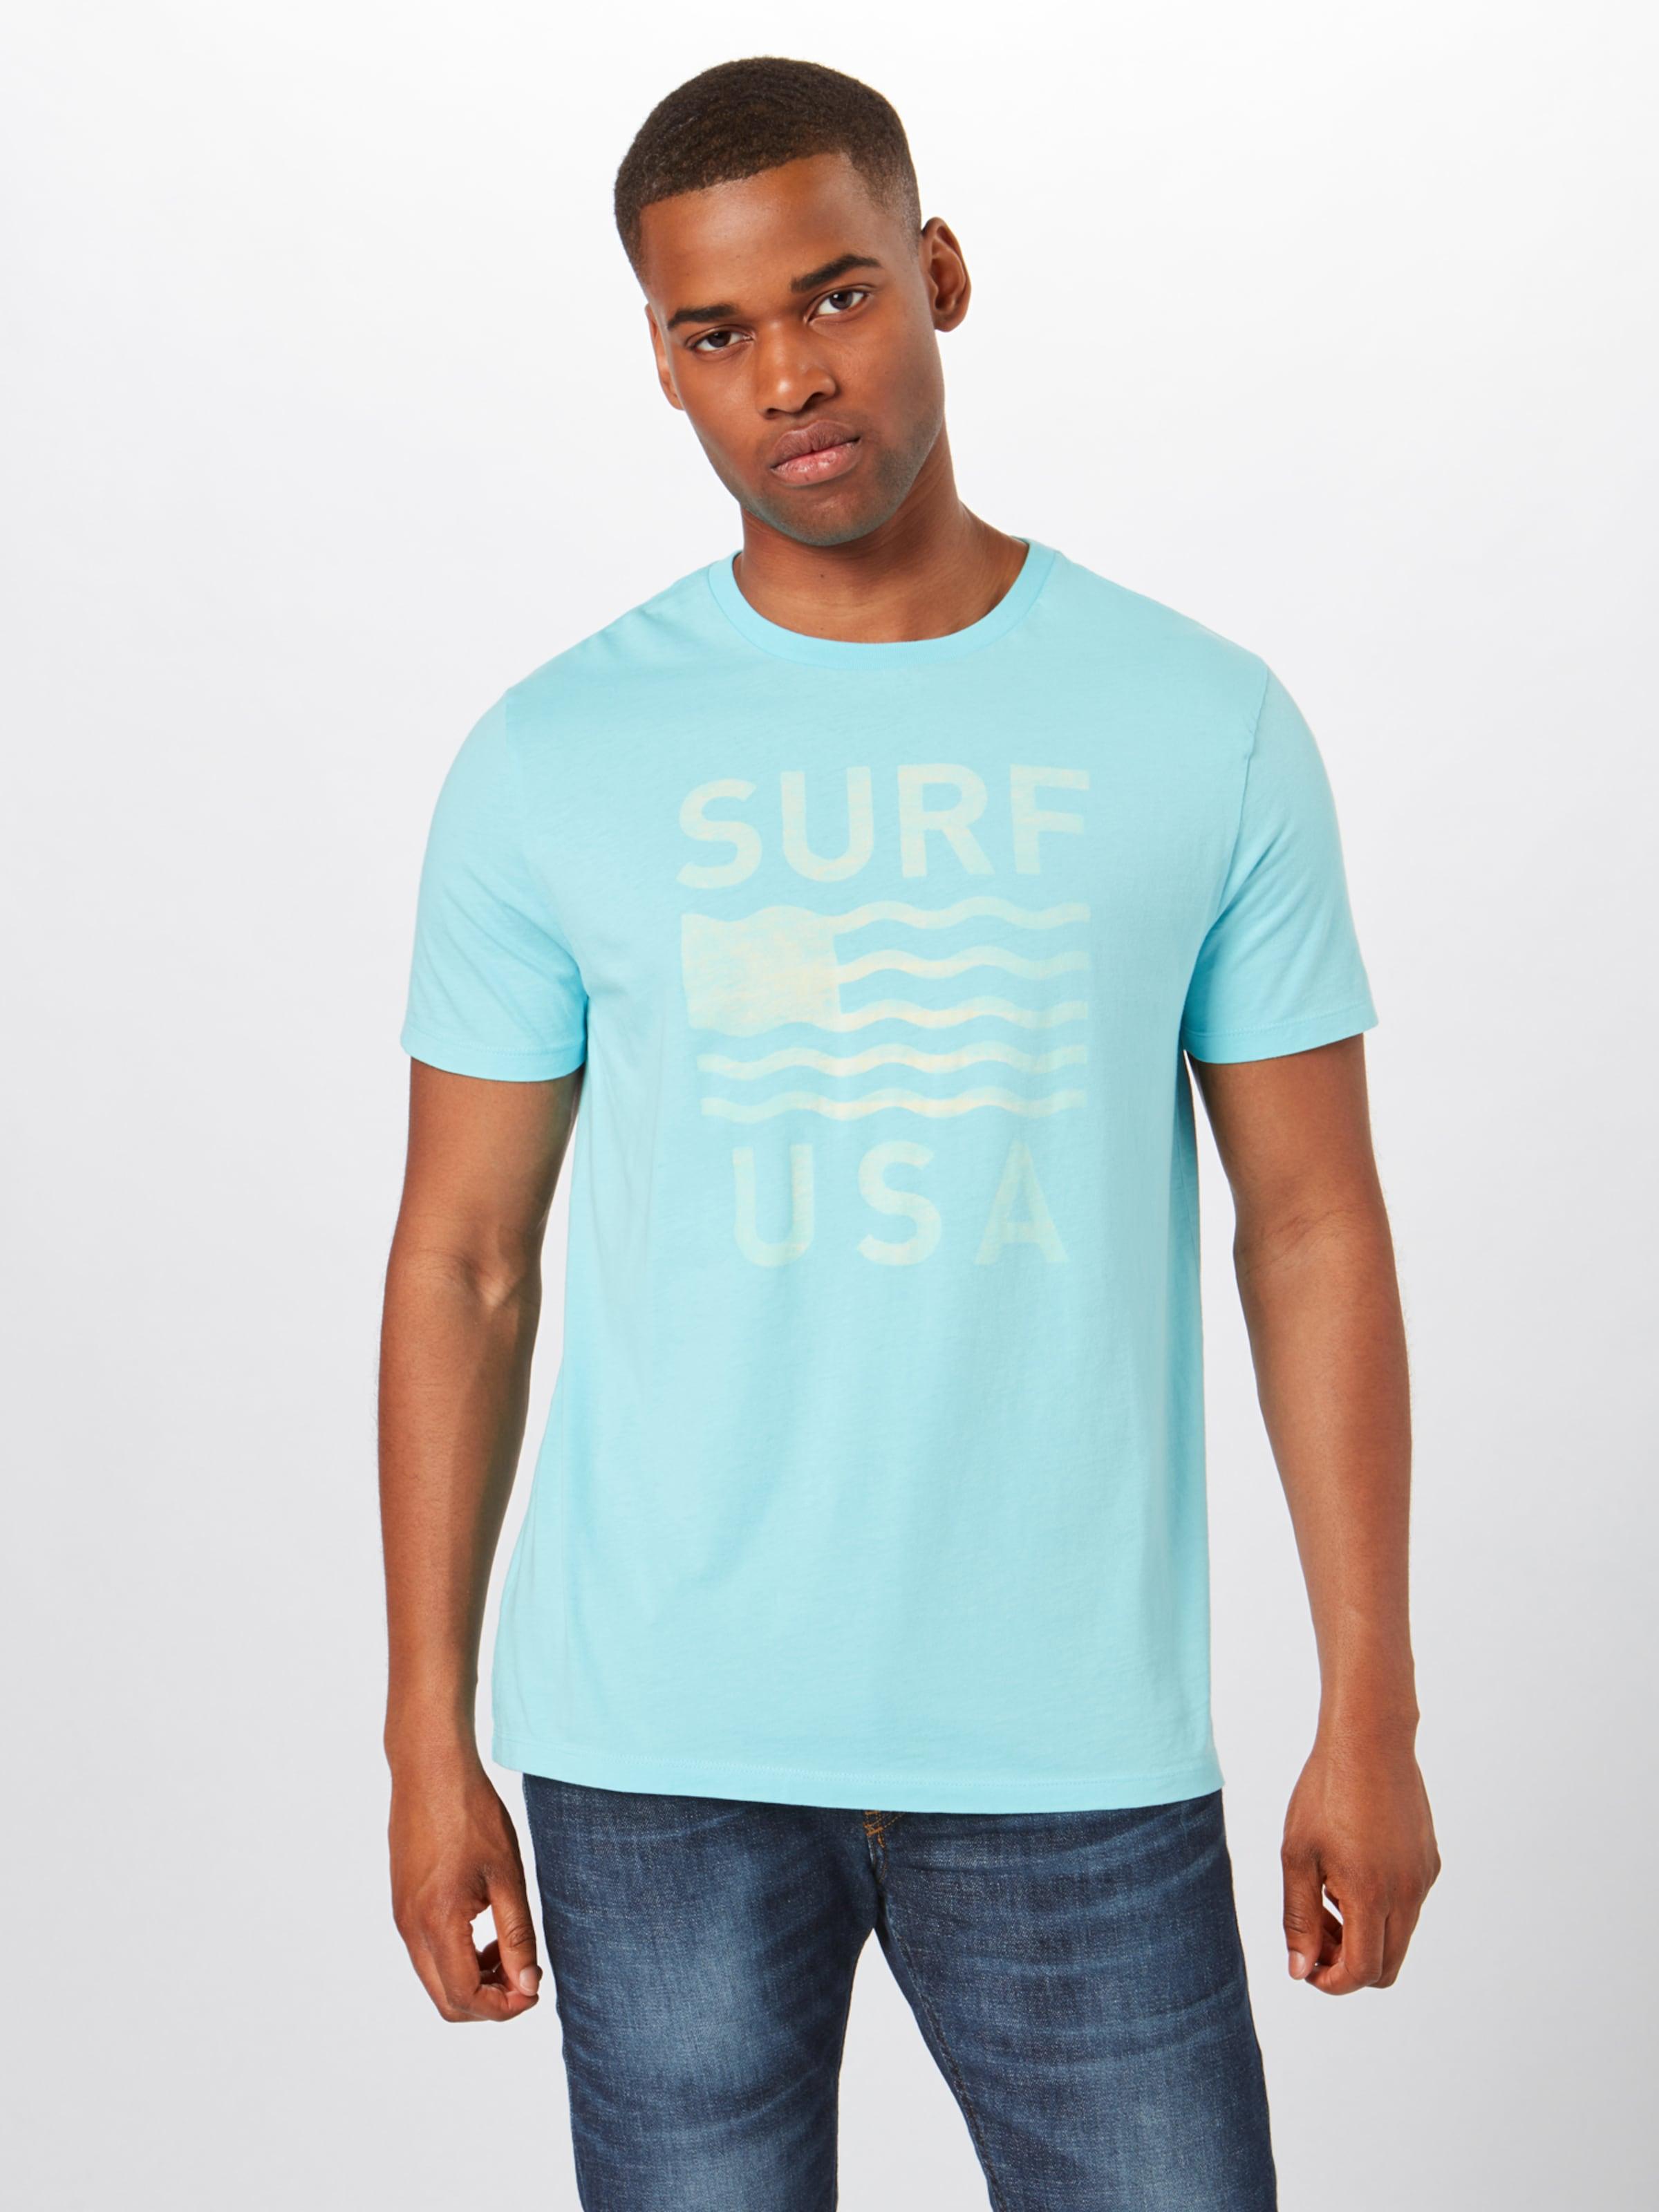 T TürkisWeiß shirt 'surf In Gap Usa' SjpMUzLGqV